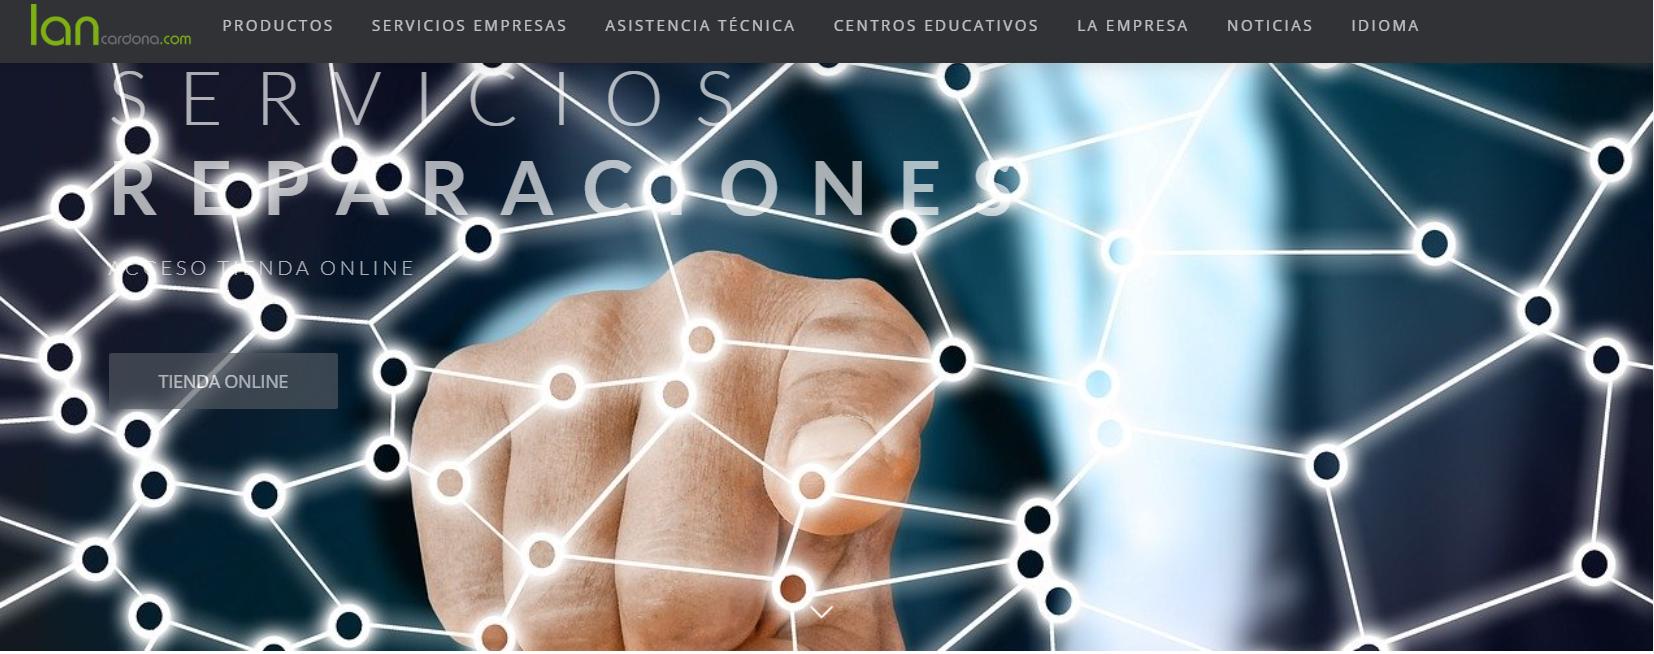 Estrenem nova pàgina web lancardona.com